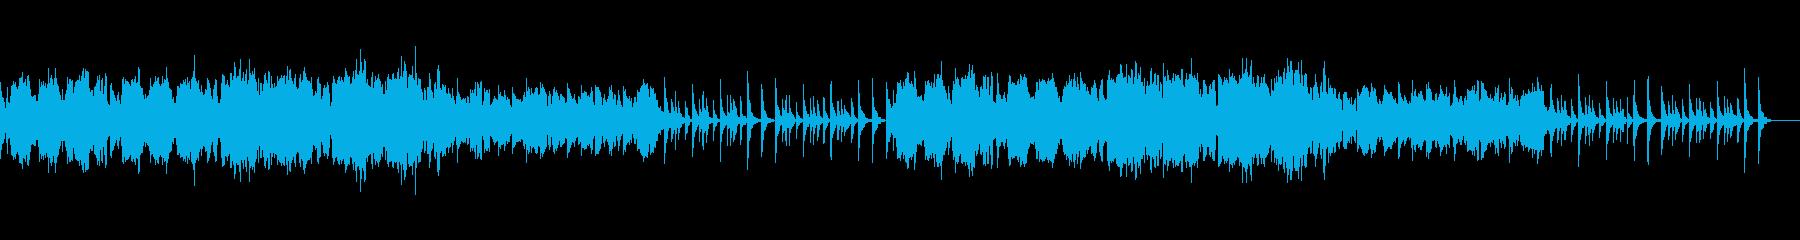 お正月をイメージした琴と尺八のBGMの再生済みの波形